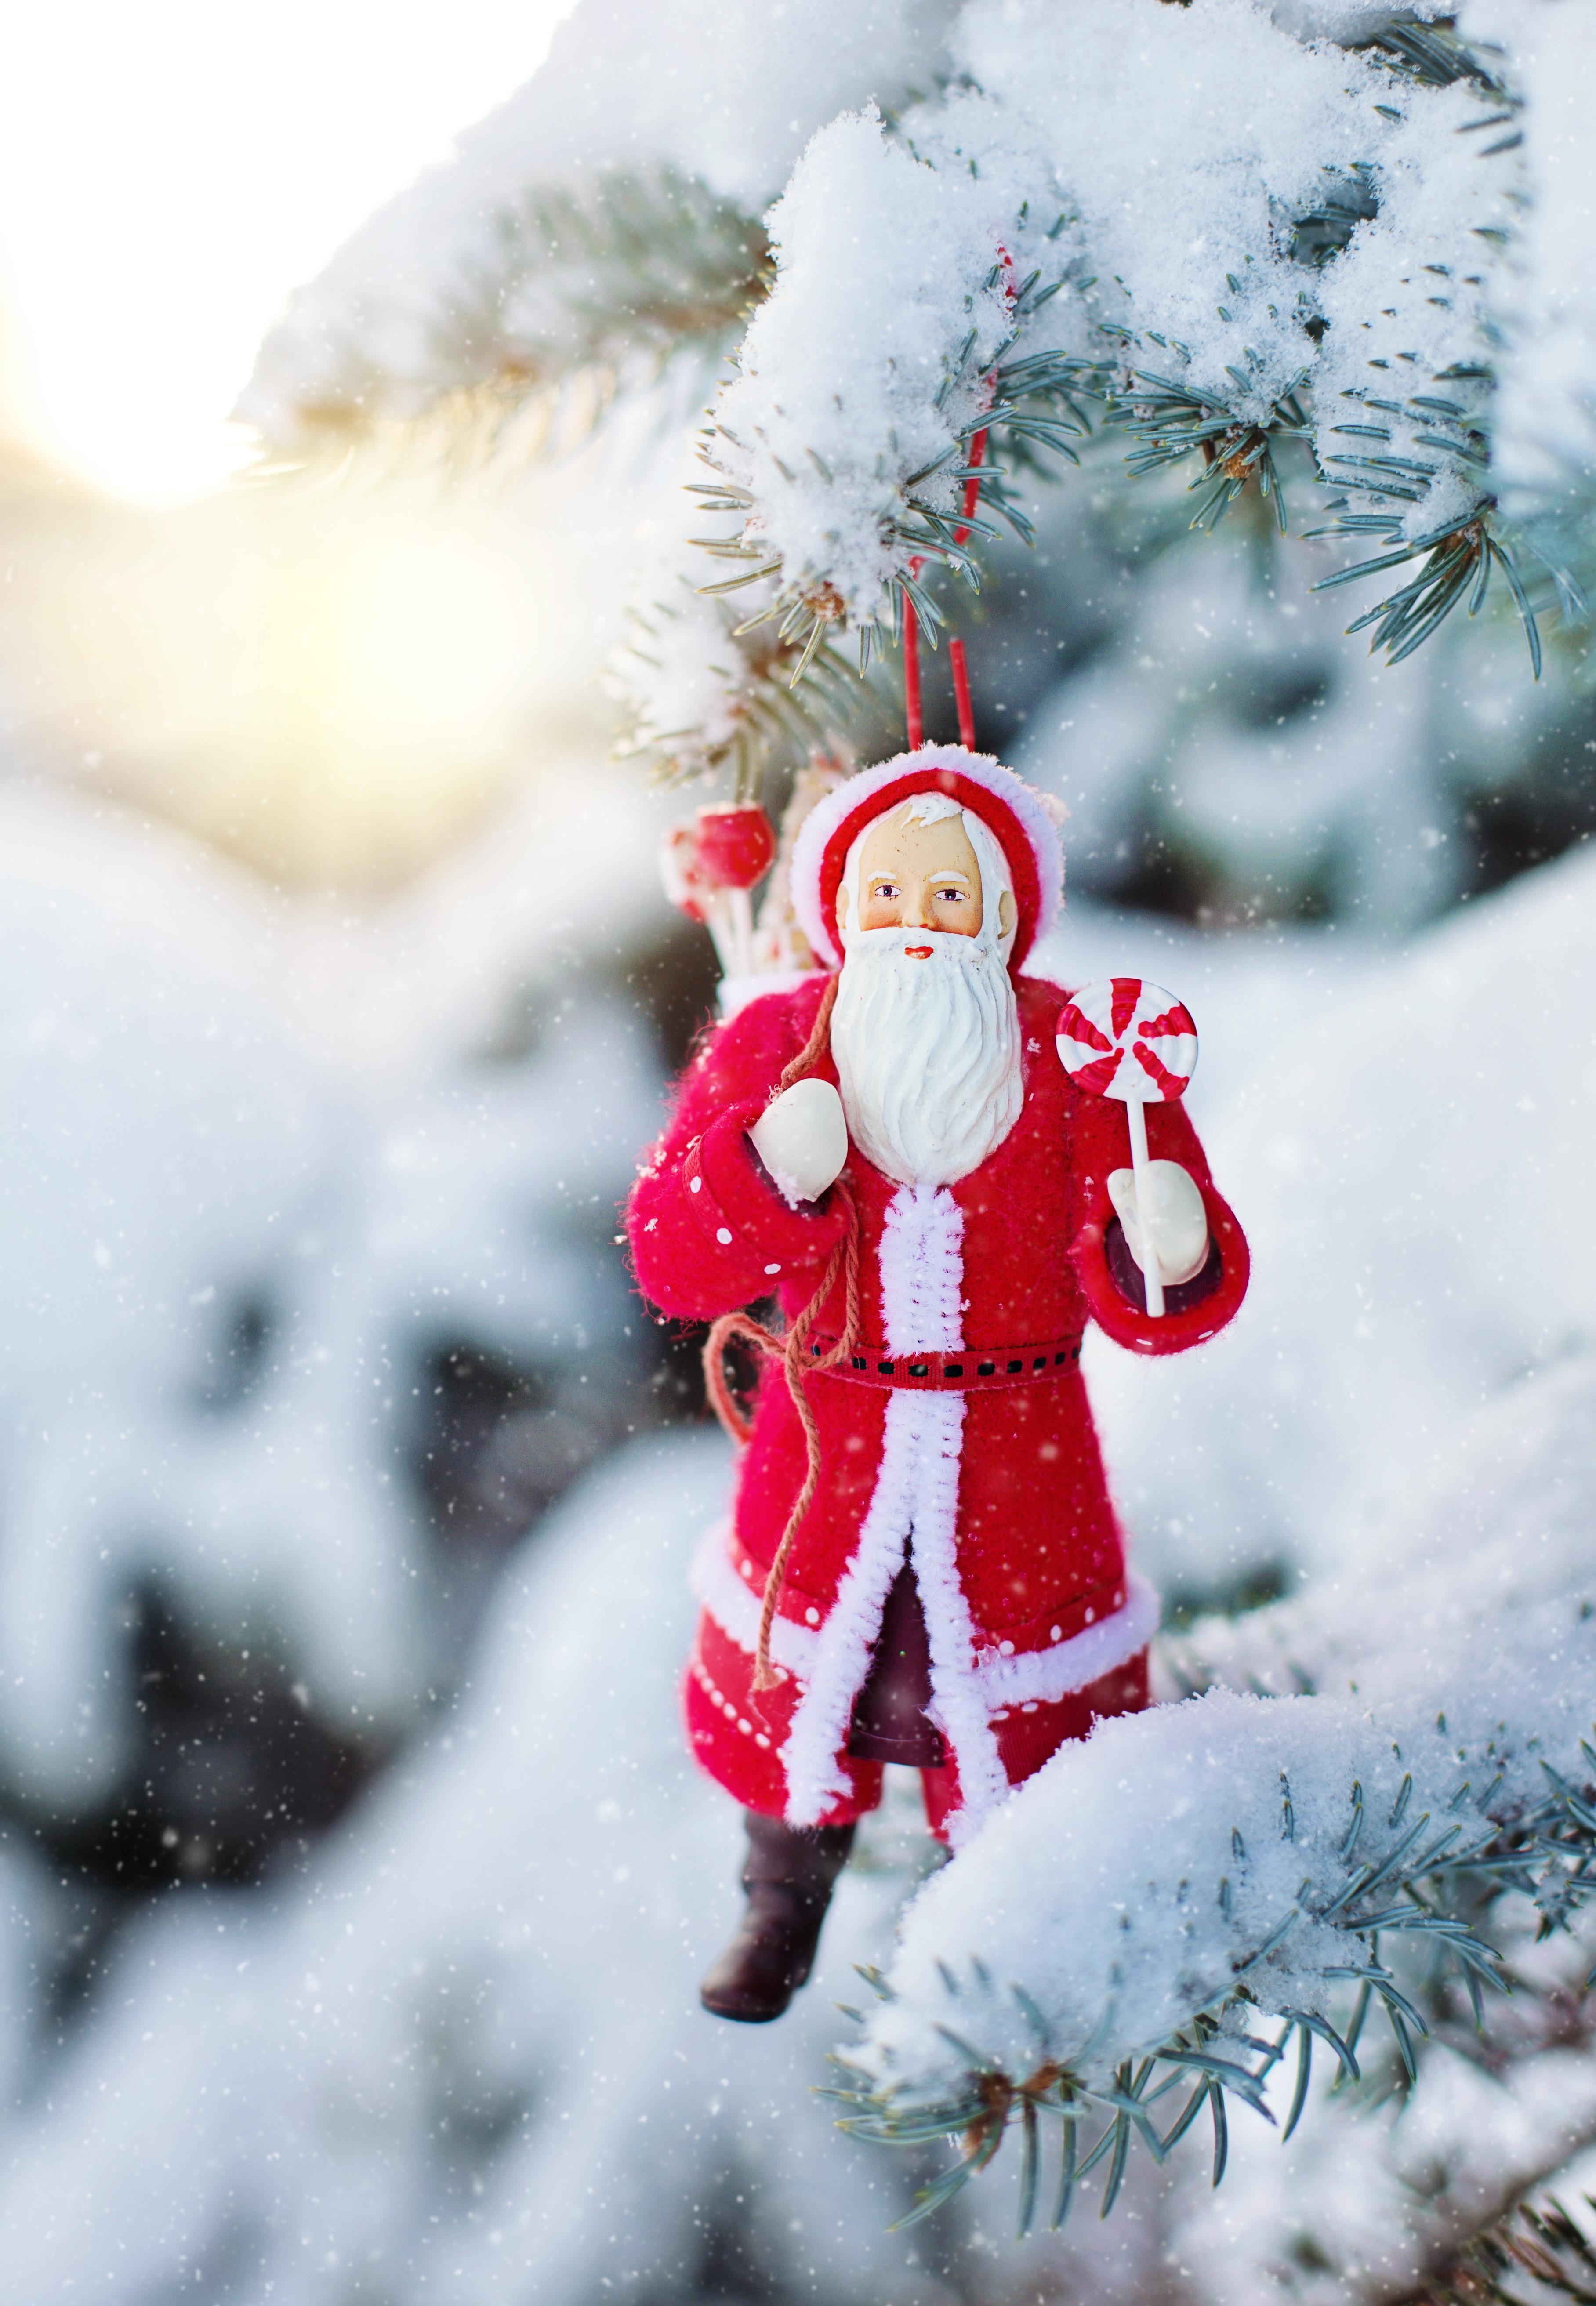 Fotos gratis : invierno, escarcha, pino, fiesta, árbol de Navidad ...